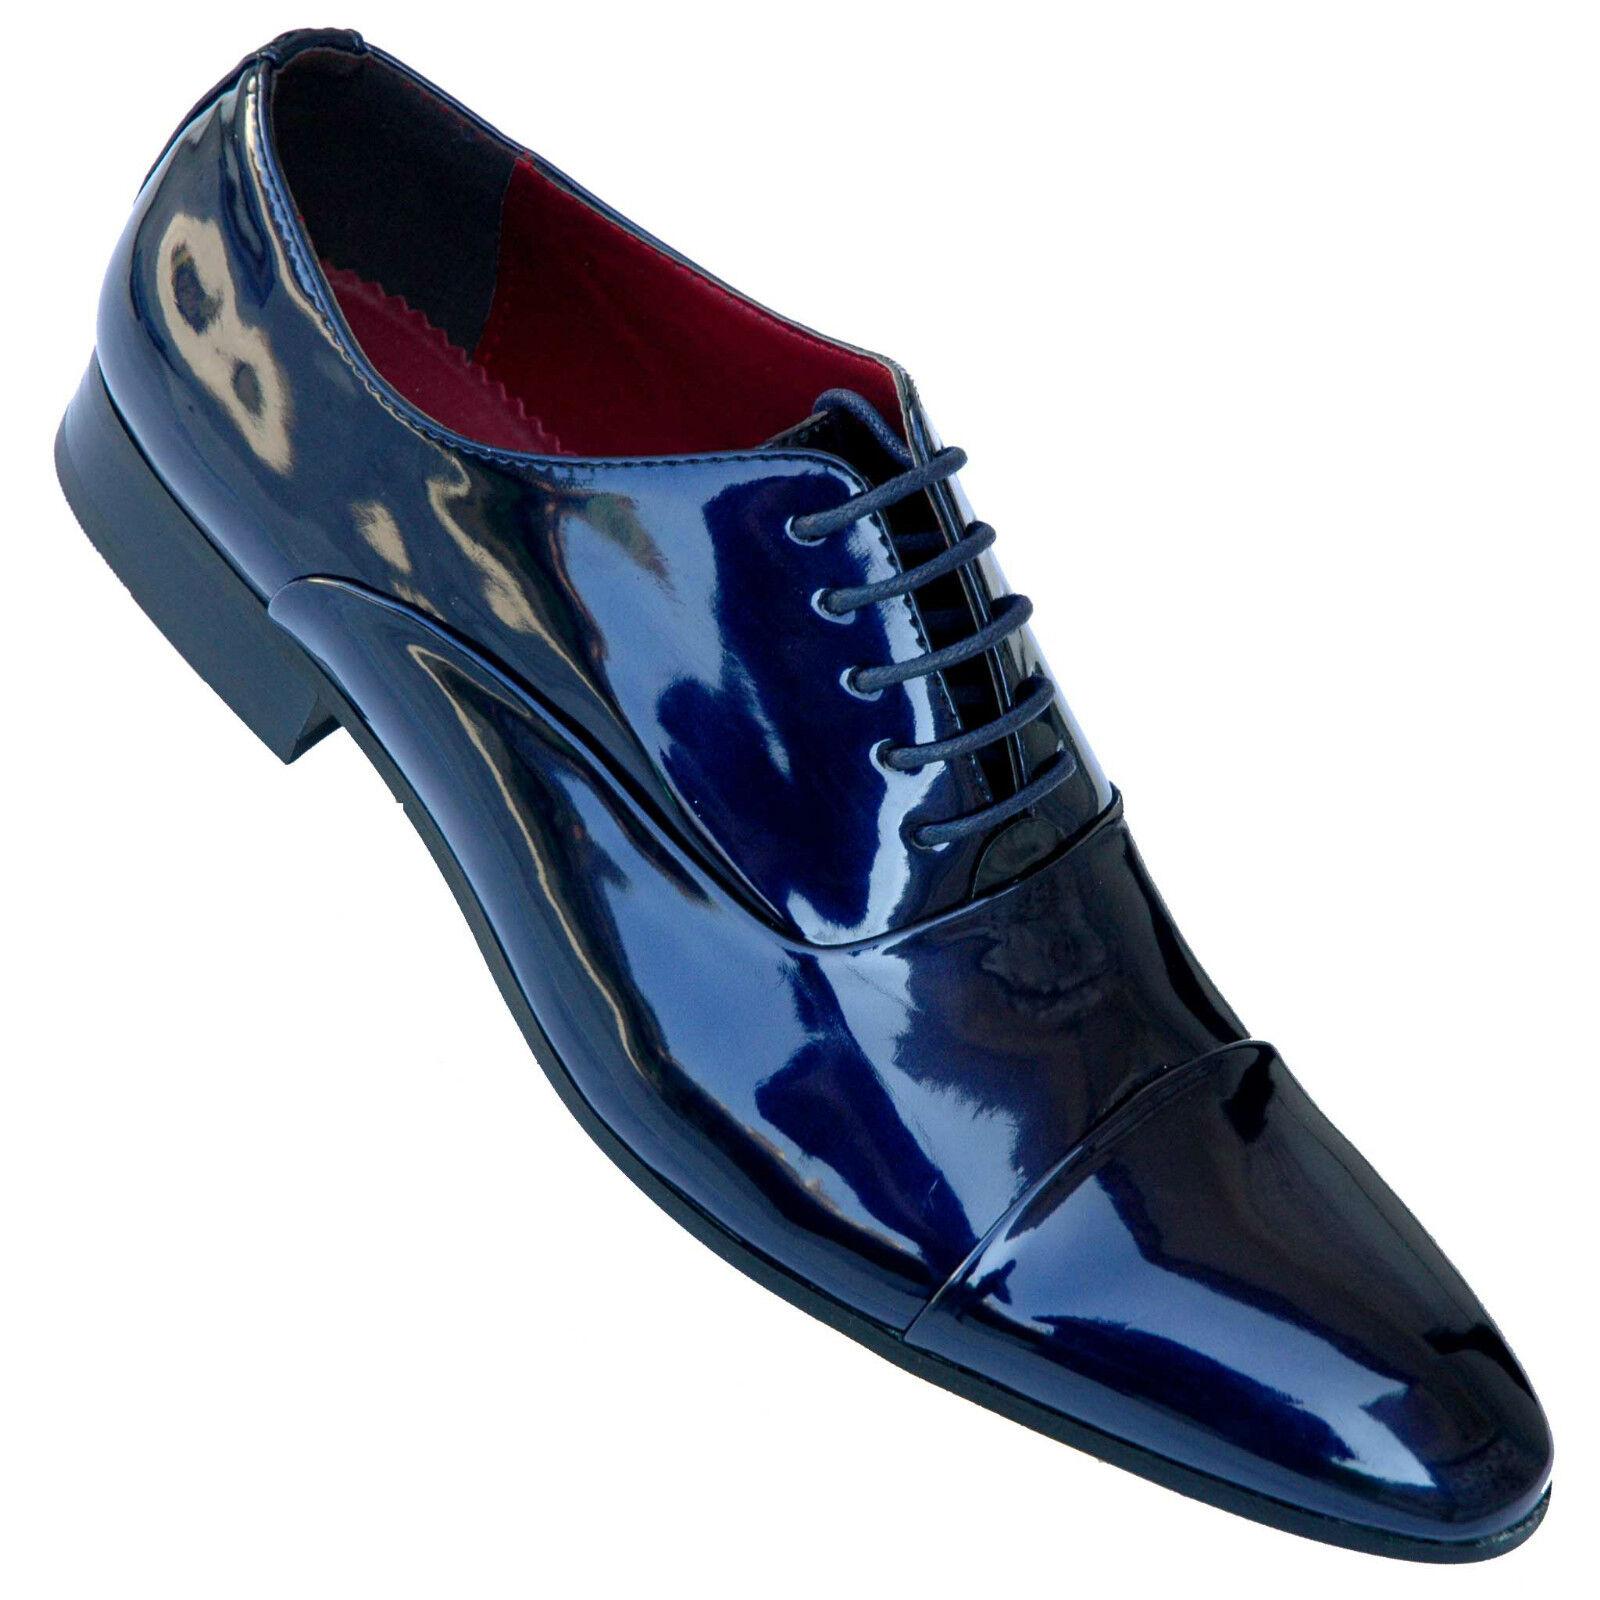 Scarpe Matrimonio Uomo Sportive : Scarpe uomo eleganti classiche per cerimonia blu o nere